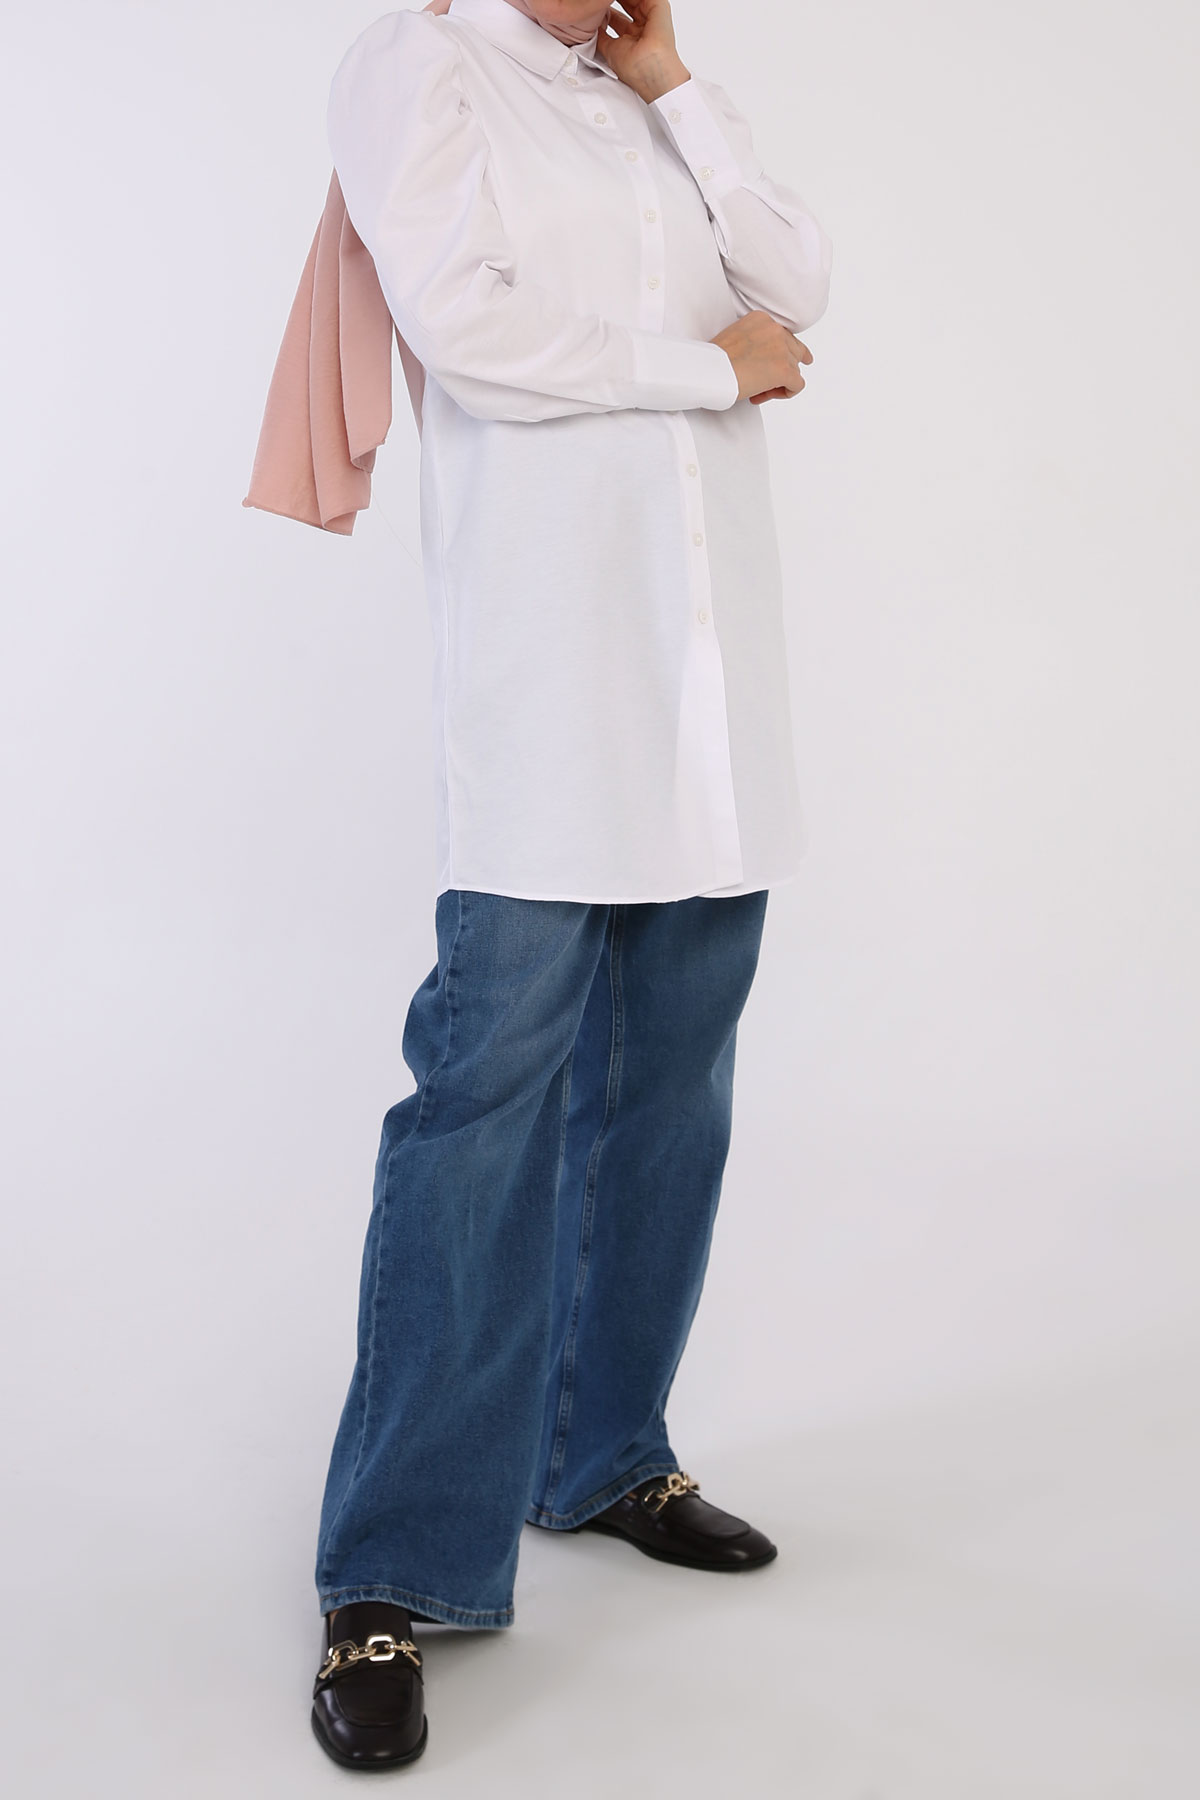 Juliet Sleeve Shirt Tunic